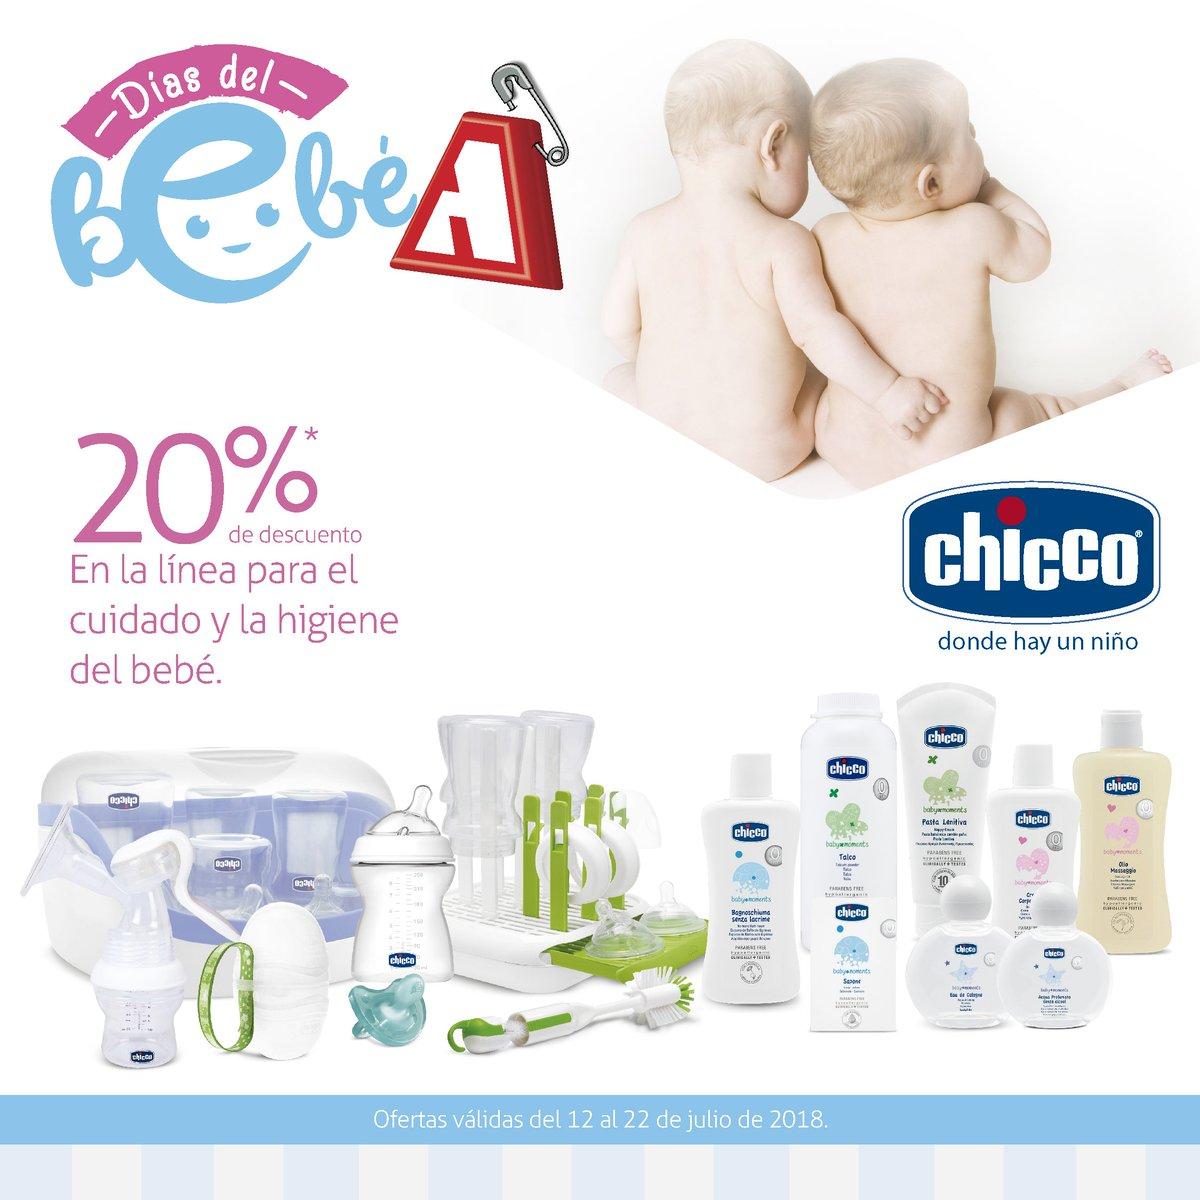 fd9a60f2f Disfruta del 20% en los productos de cuidado e higiene del bebé en la marca  Chicco hasta el 22 de Julio. #Arrocha #DíasDelBebé #Chicco #Bebes #Panama  ...